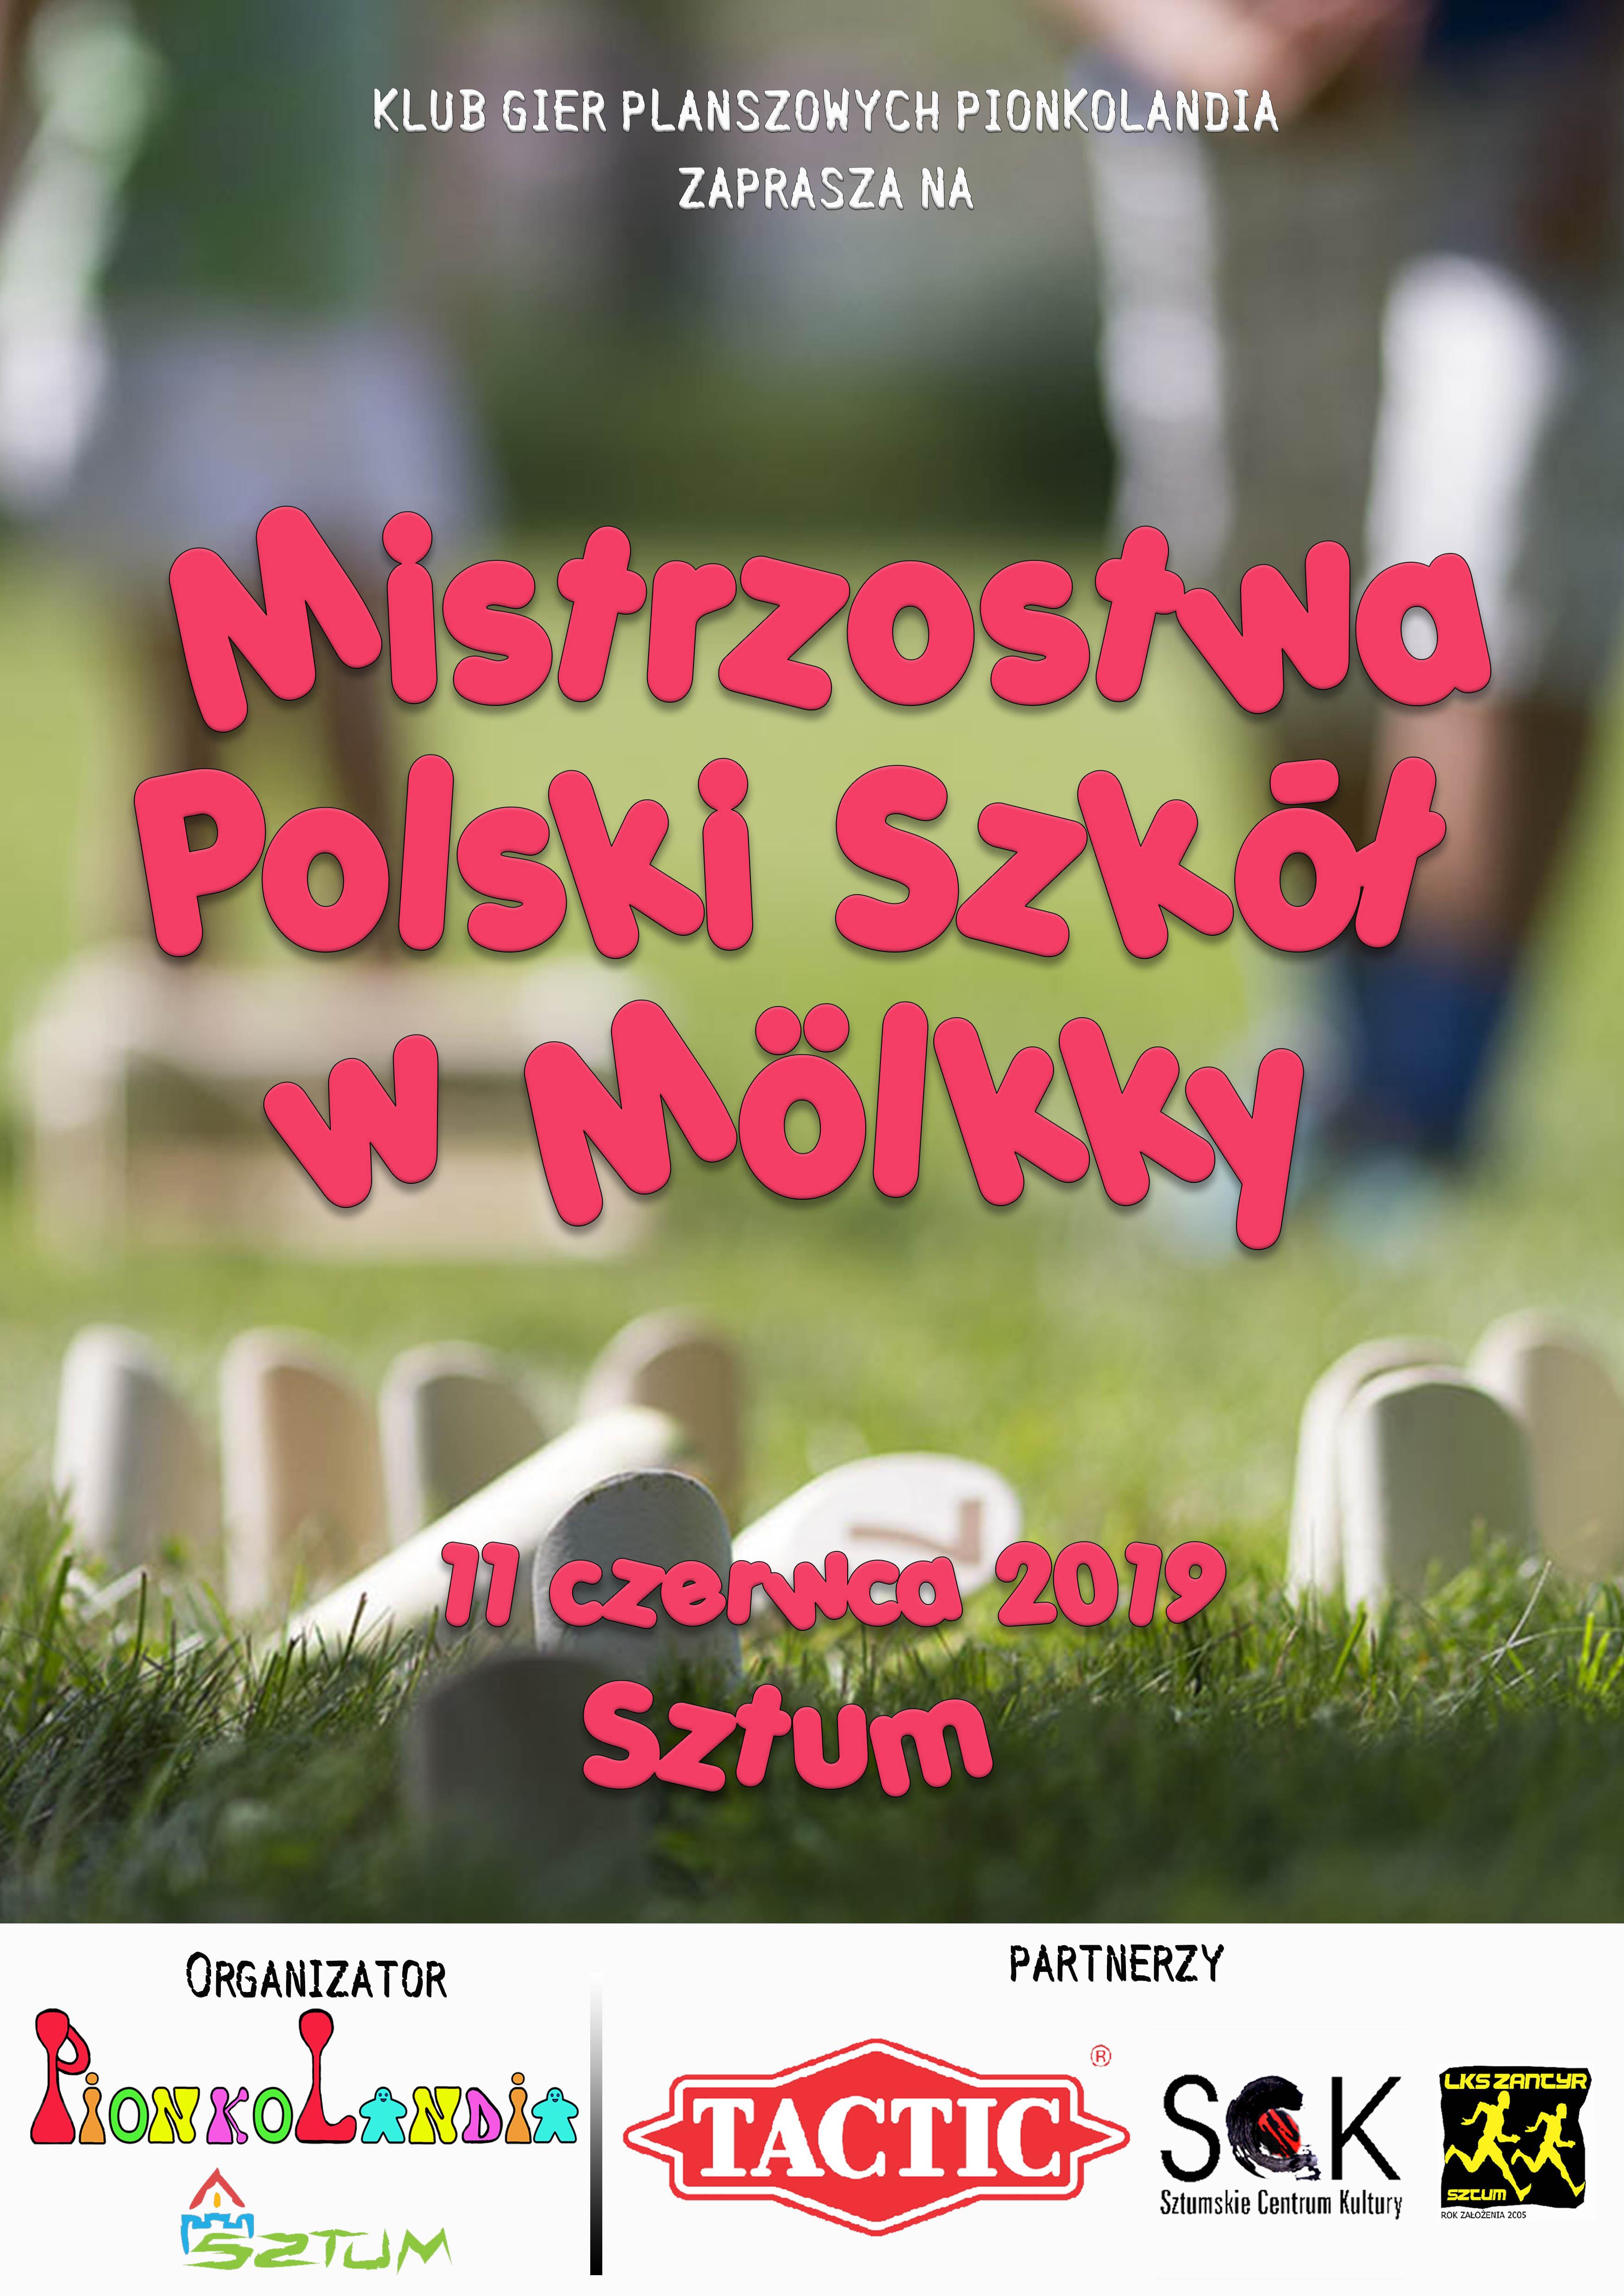 Mistrzostwa Polski Szkół w Molkky